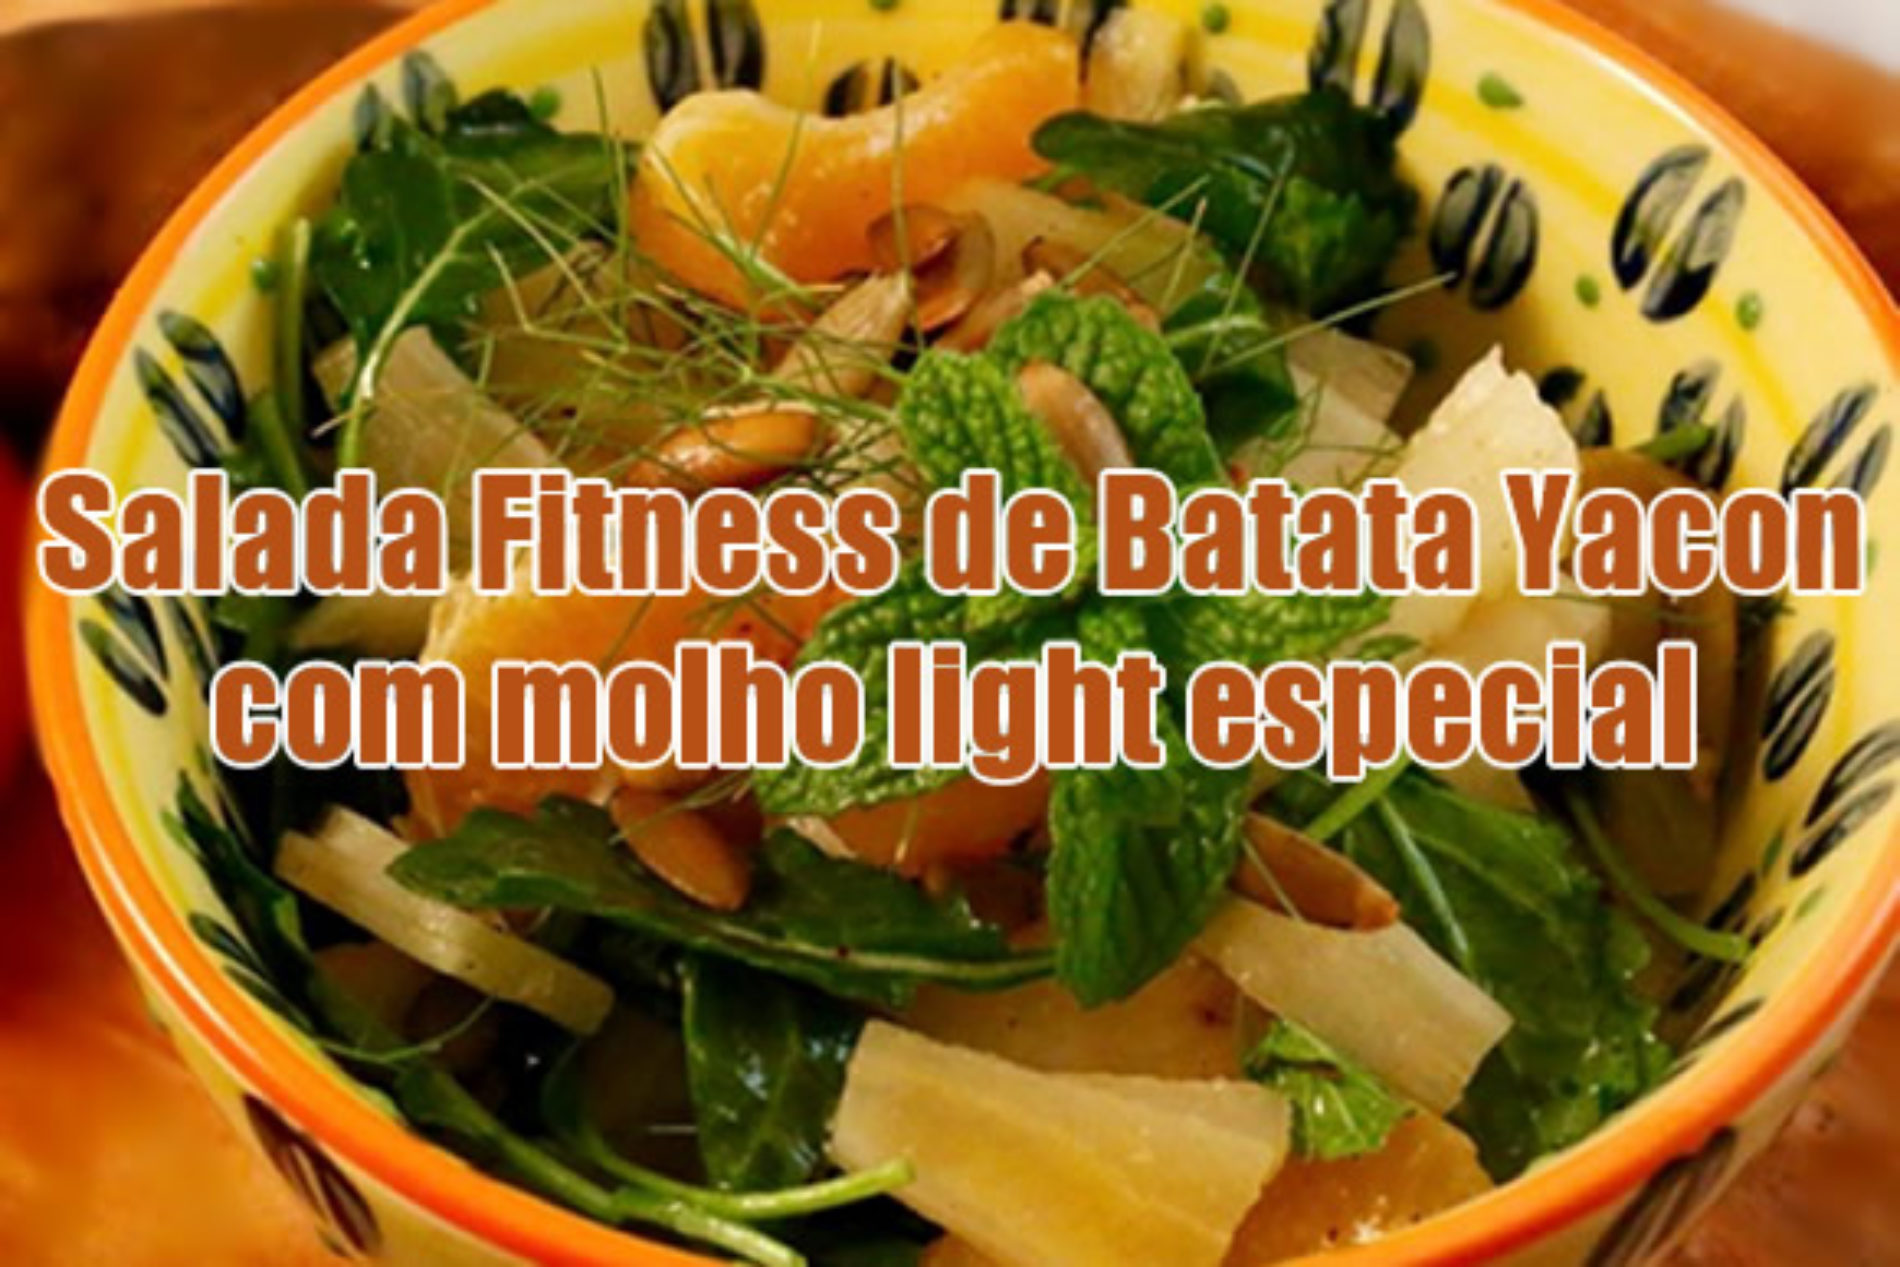 Salada Fitness de Batata Yacon com molho light especial